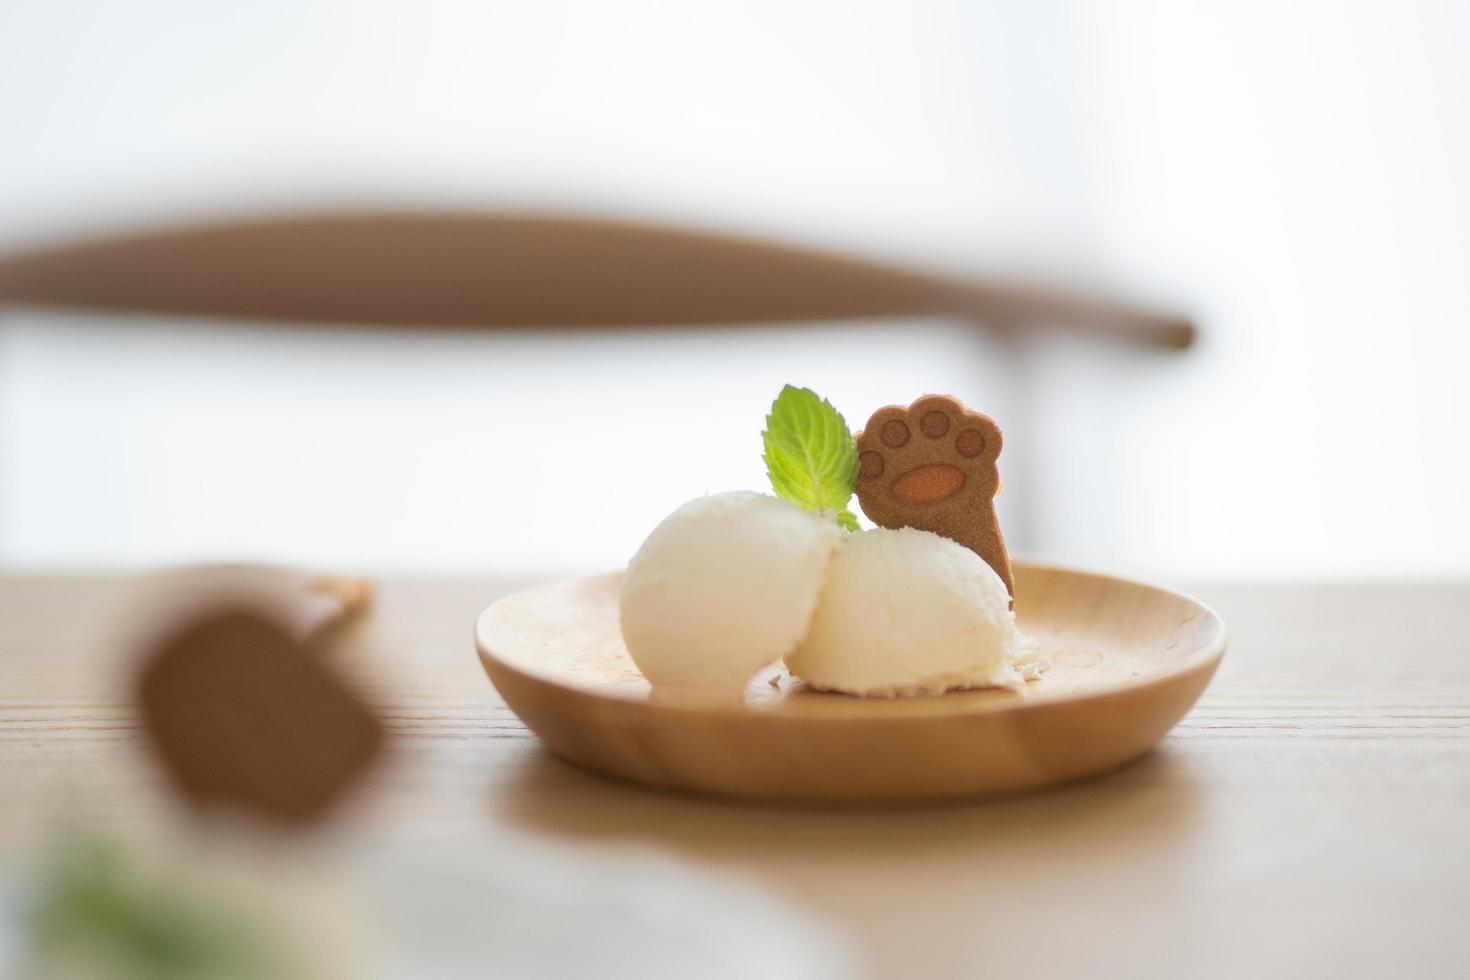 ijs op plaat met een koekje in poot vorm foto